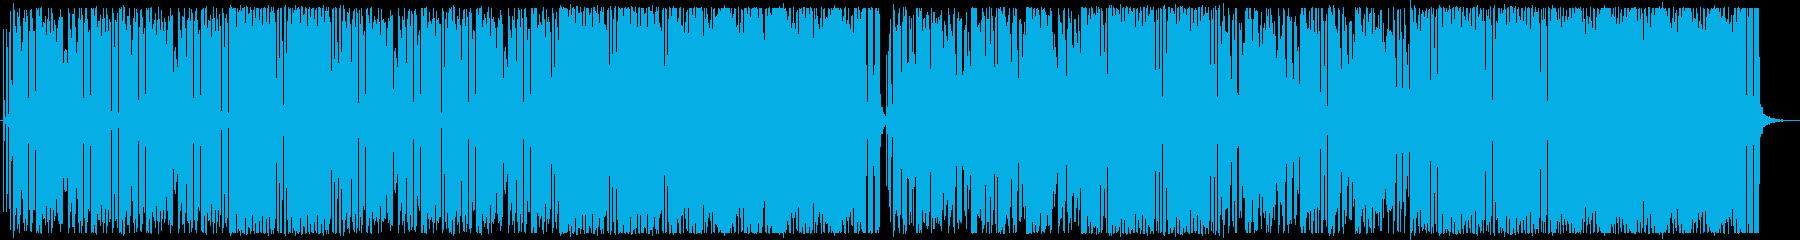 2管の能天気なJazzFunkの再生済みの波形